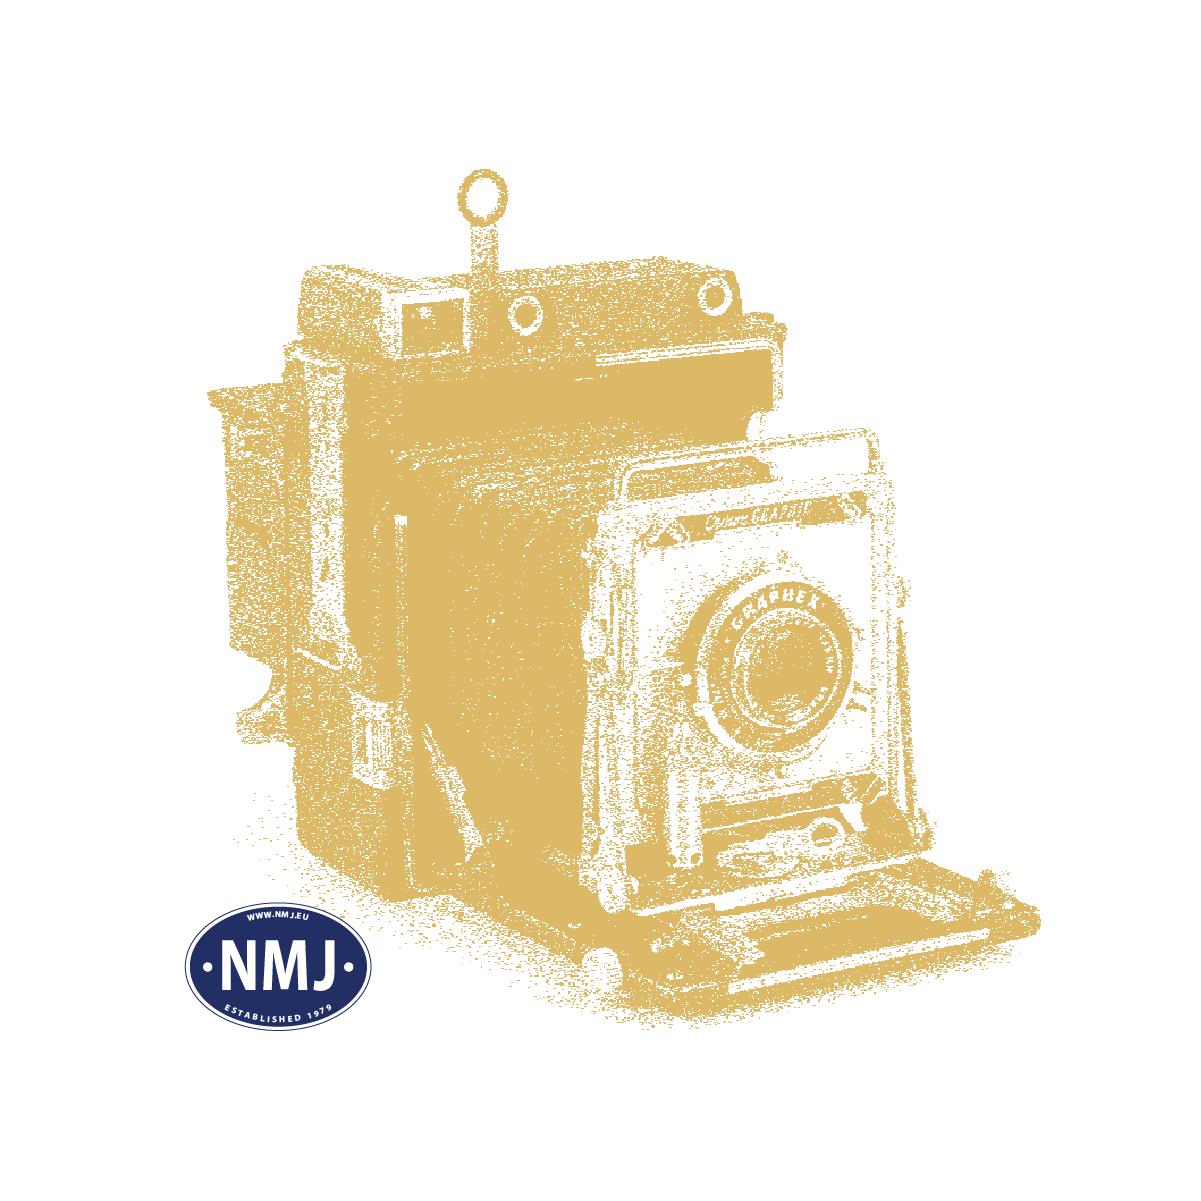 NMJ0TL3-1 - NMJ Superline NSB Tl3 4893, 0-Scala